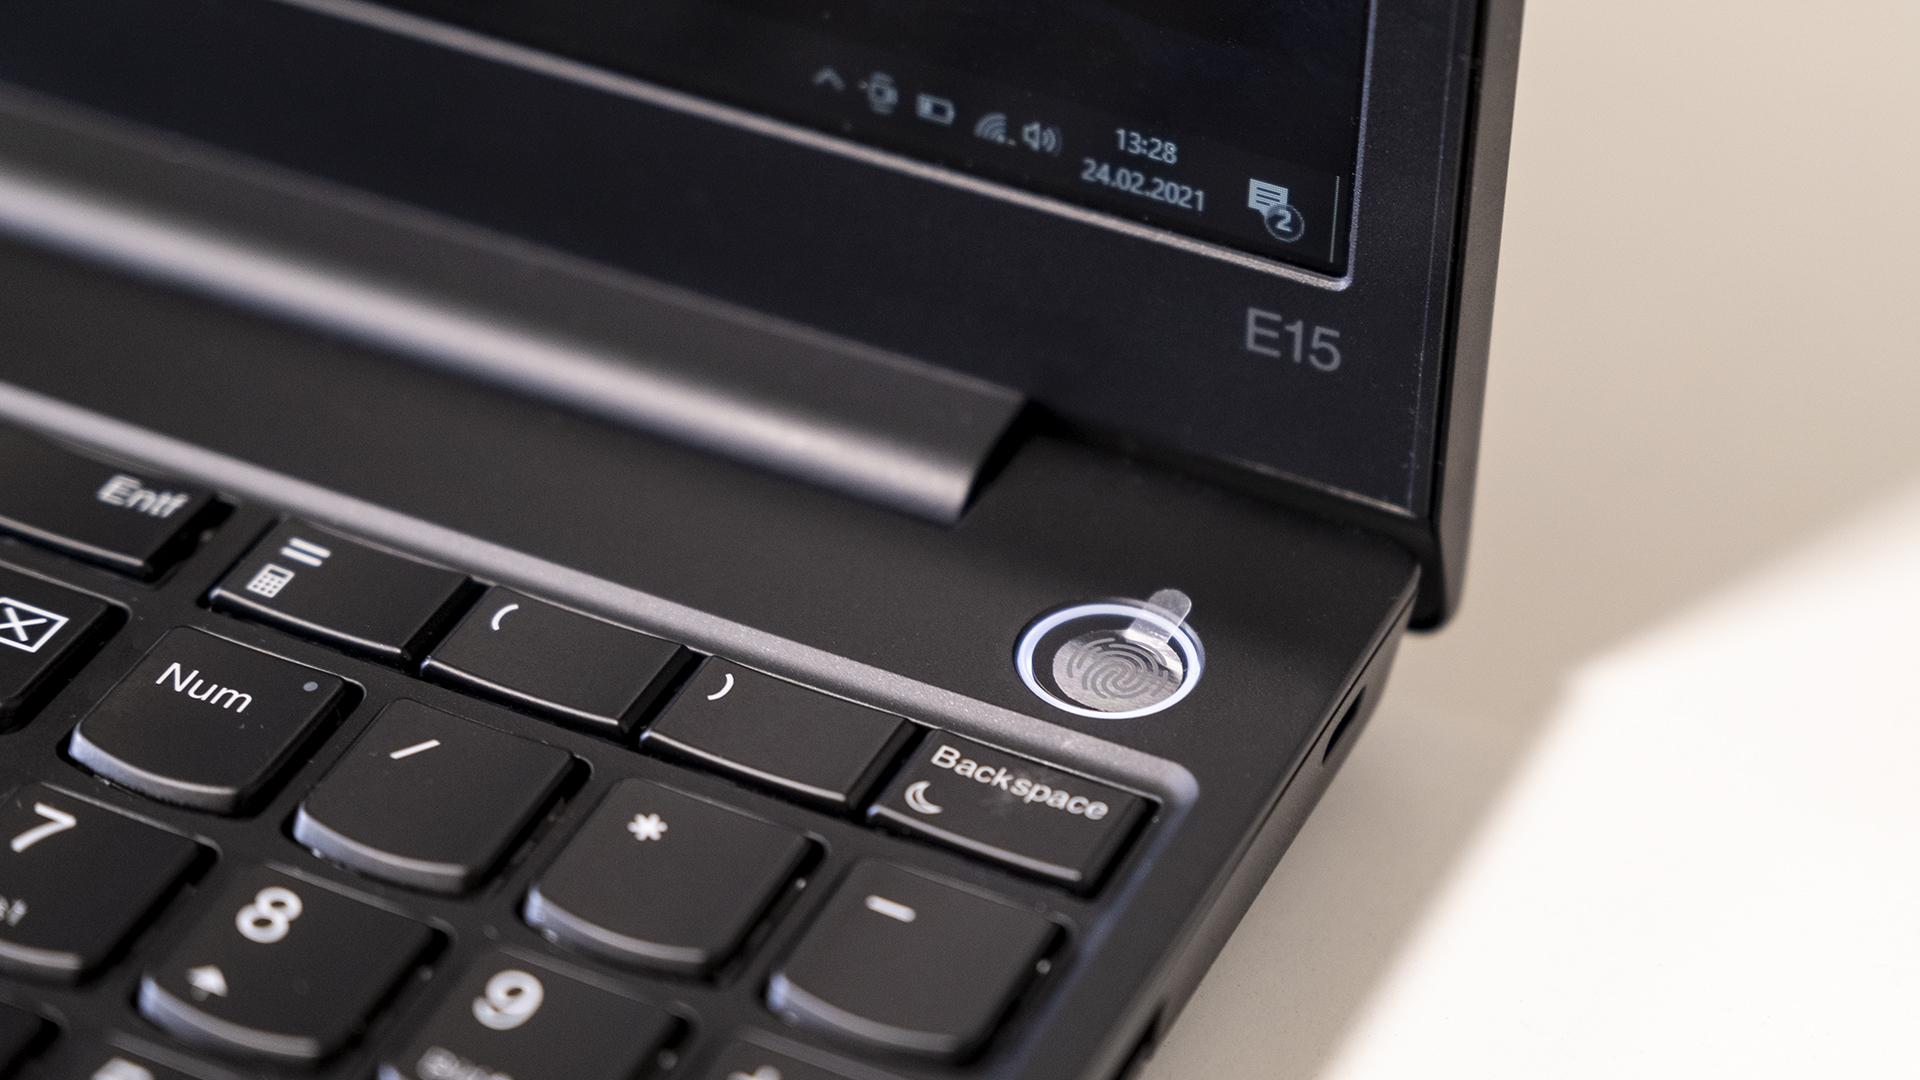 Lenovo ThinkPad E15 Fingerprint Reader Power Button